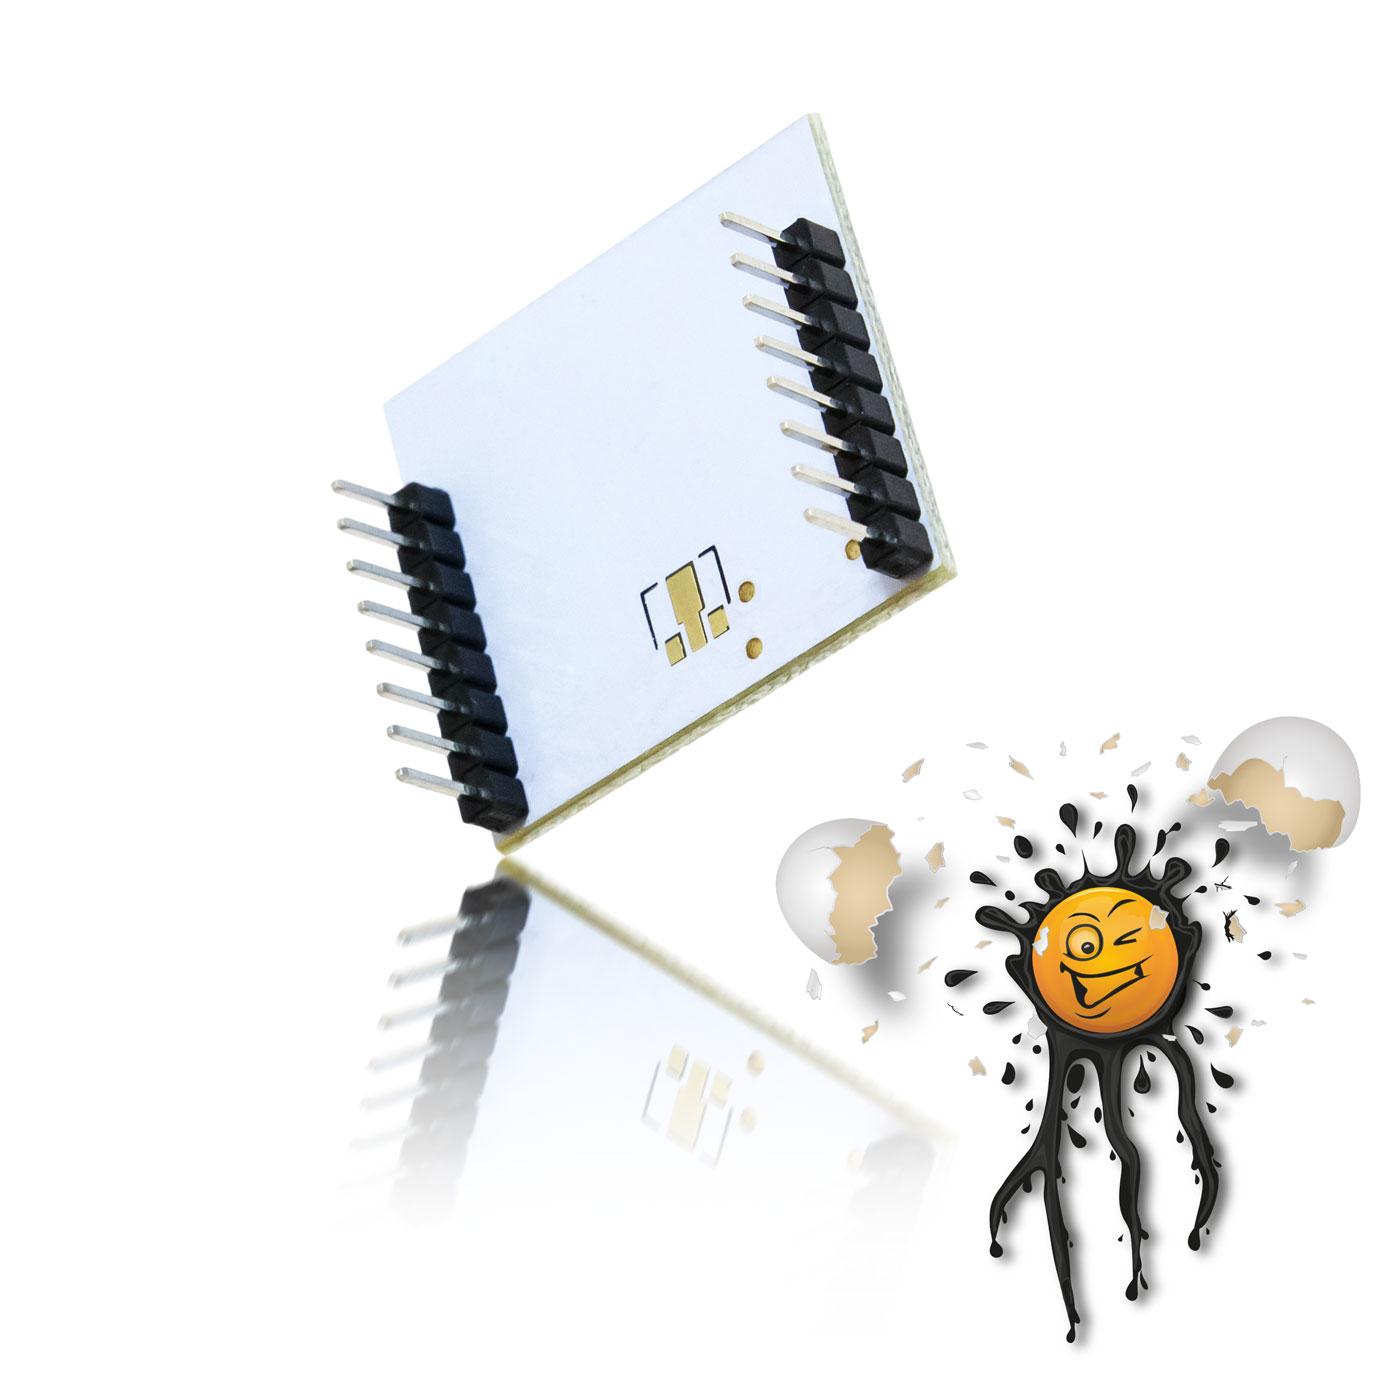 ESP8266 I/O Adapter Detailansicht